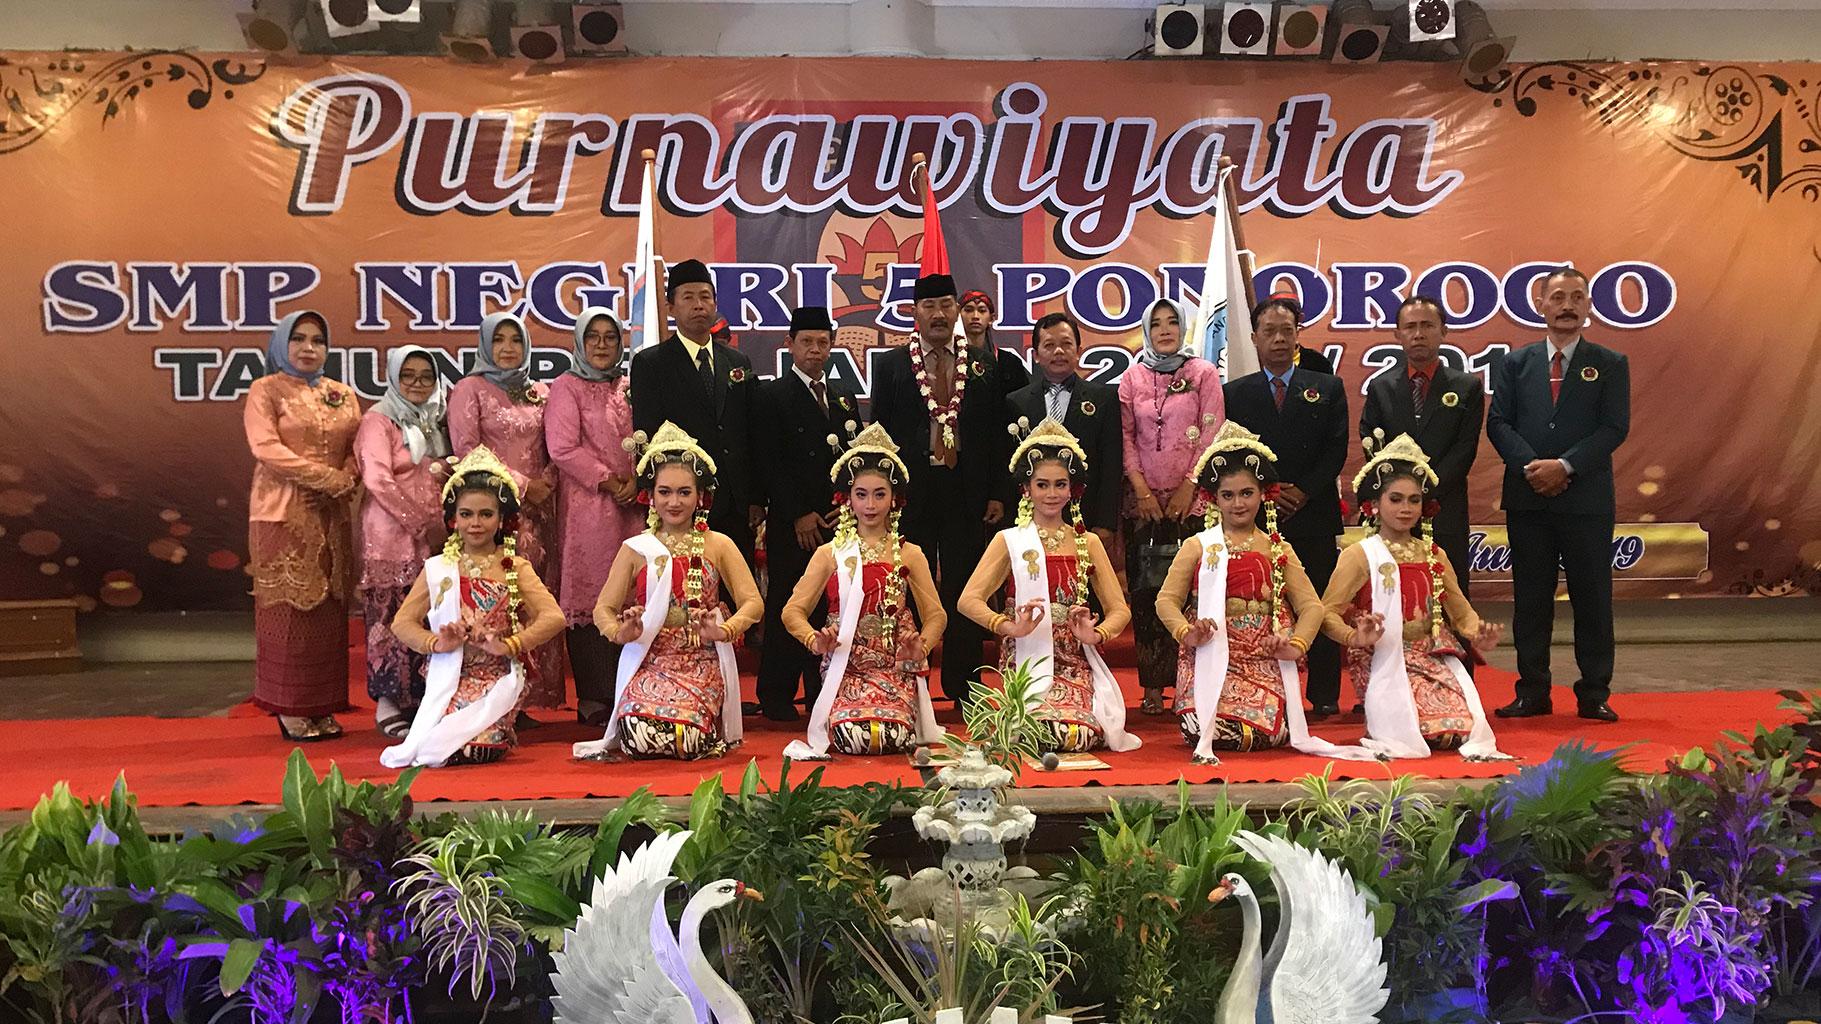 Purnawiyata SMPN 5 Ponorogo tahun 2019